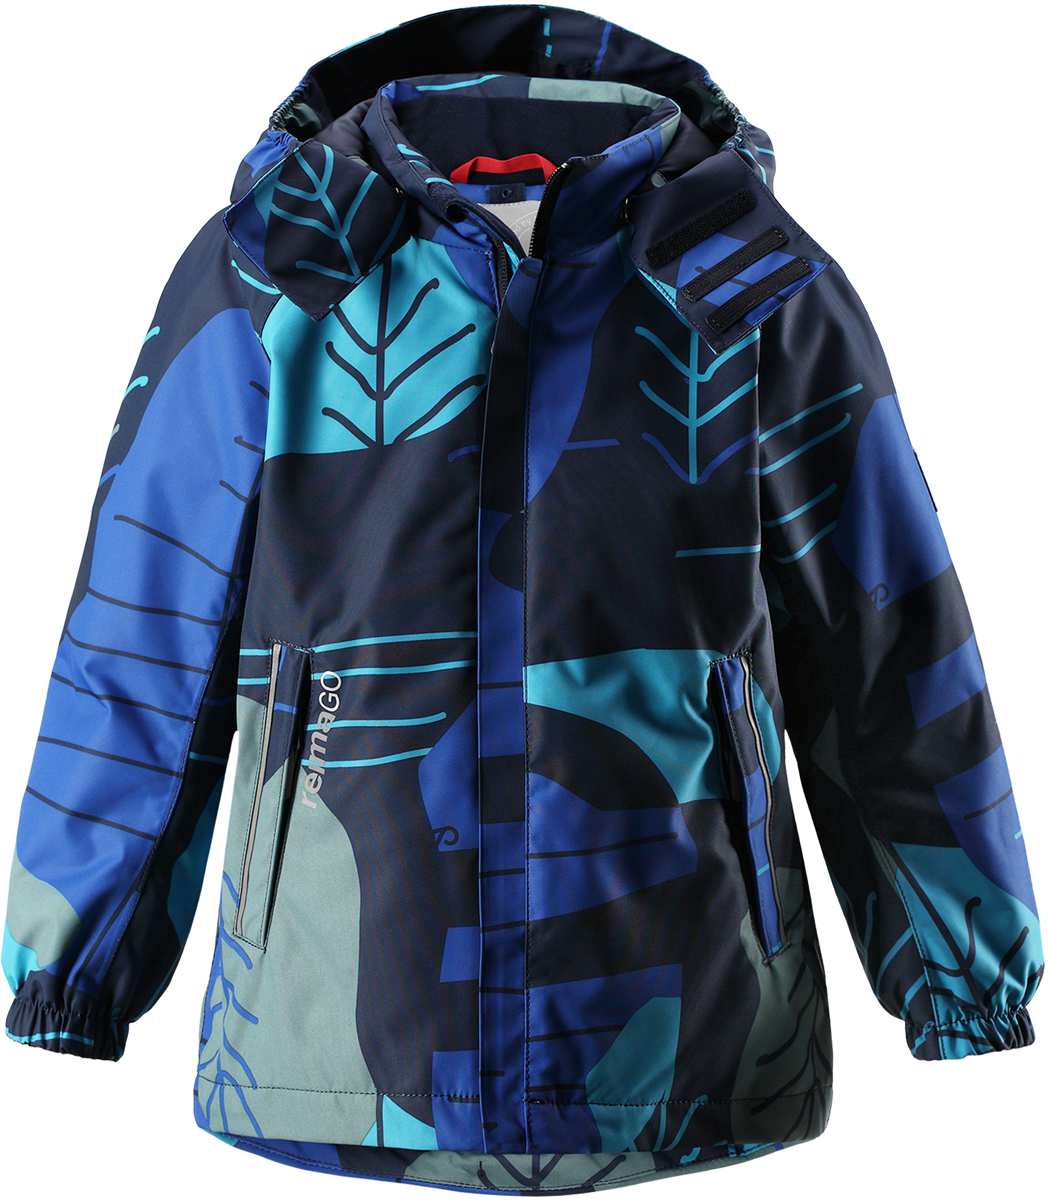 Куртка для мальчика Reima Reimatec Korte, цвет: синий. 521533R6982. Размер 134521533R6982Абсолютно водо- и ветронепроницаемая демисезонная куртка Reimatec. Все швы в ней запаяны, а сама она снабжена множеством практичных деталей, например, съемным капюшоном, который легко отстегивается, если за что-нибудь зацепится. Эластичные манжеты и регулируемый подол не пропускают ветер. Ну а карманы на молнии надежно сохранят ключи от дома и найденные на прогулке сокровища. В этой куртке даже дождь не помешает веселым играм на улице!